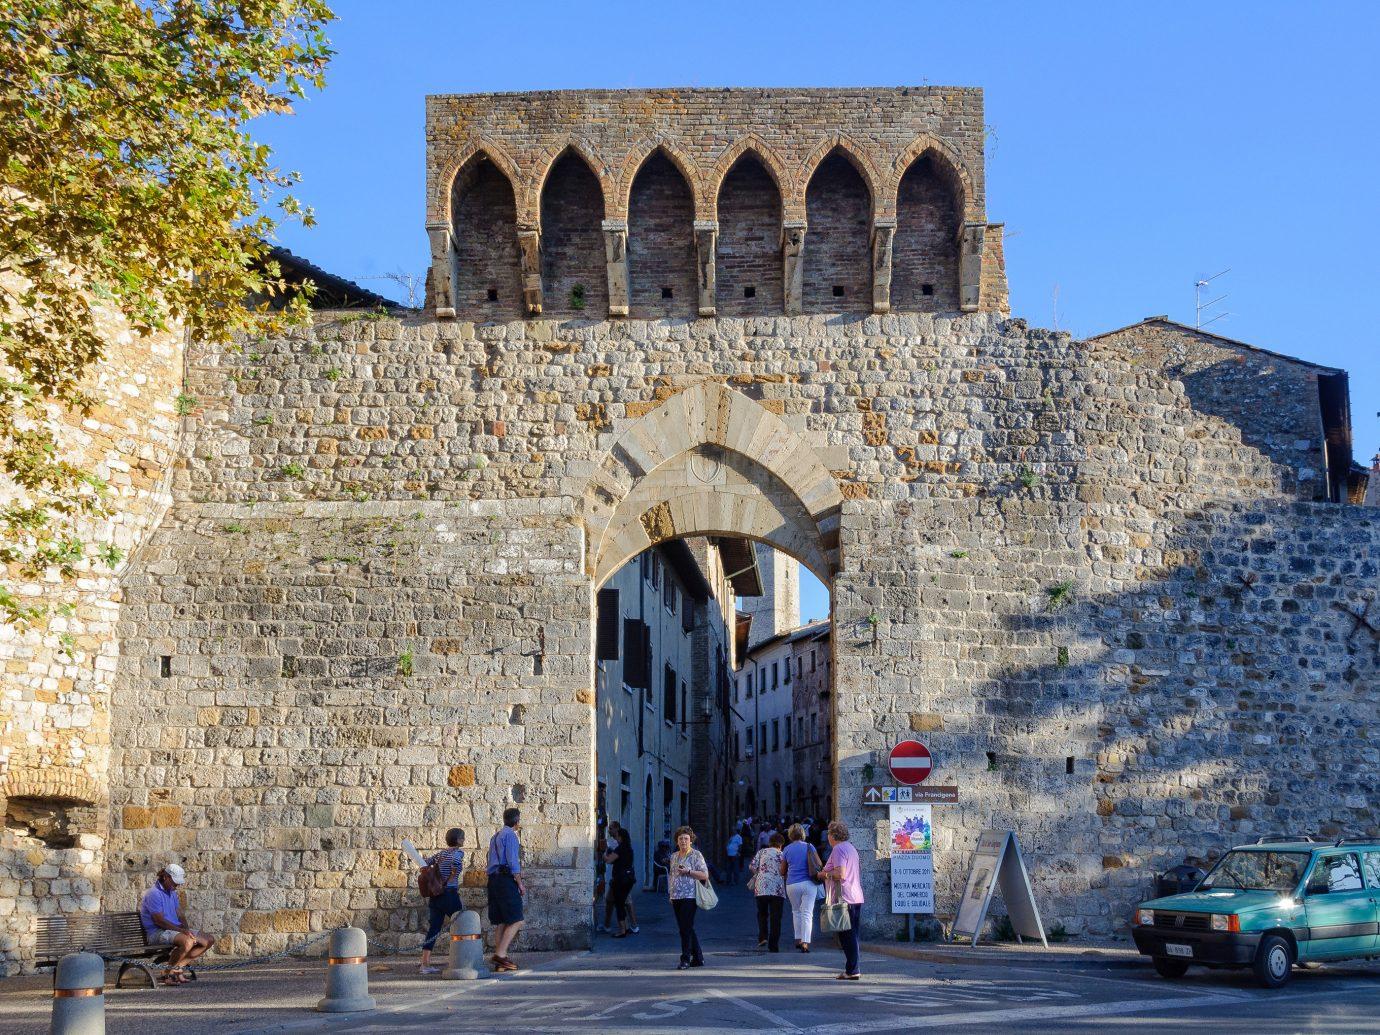 Scenes of San Gimignano, Italy